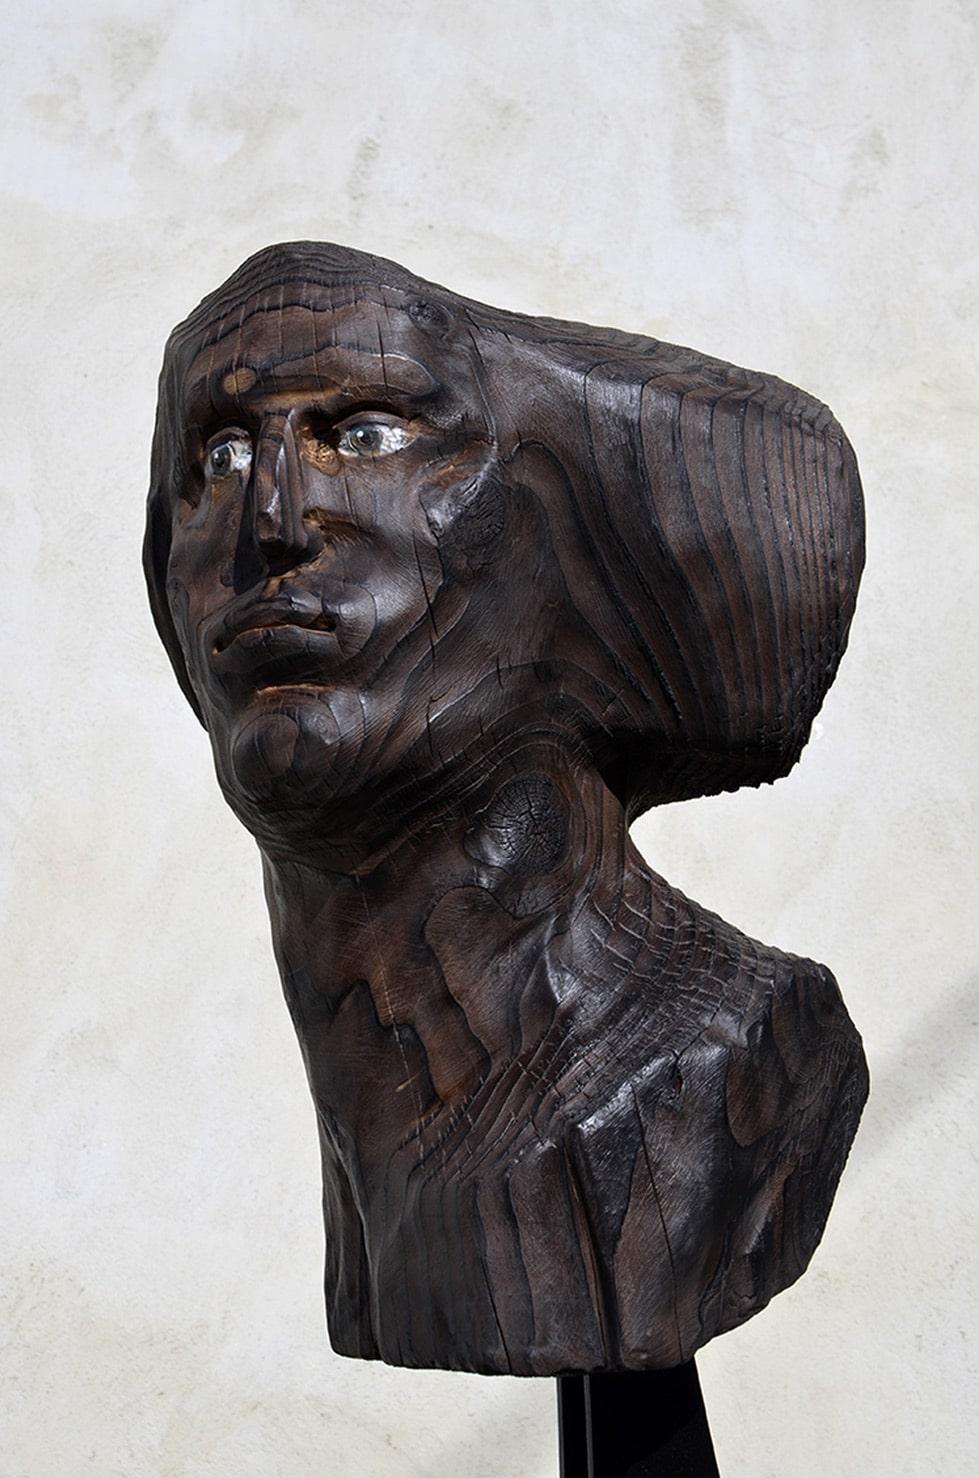 """"""" Black Head"""", Série Occulta Cutis, bois de cèdre, feu, cire, 63 x 32 x 28 cm, 2018 - Pièce unique"""